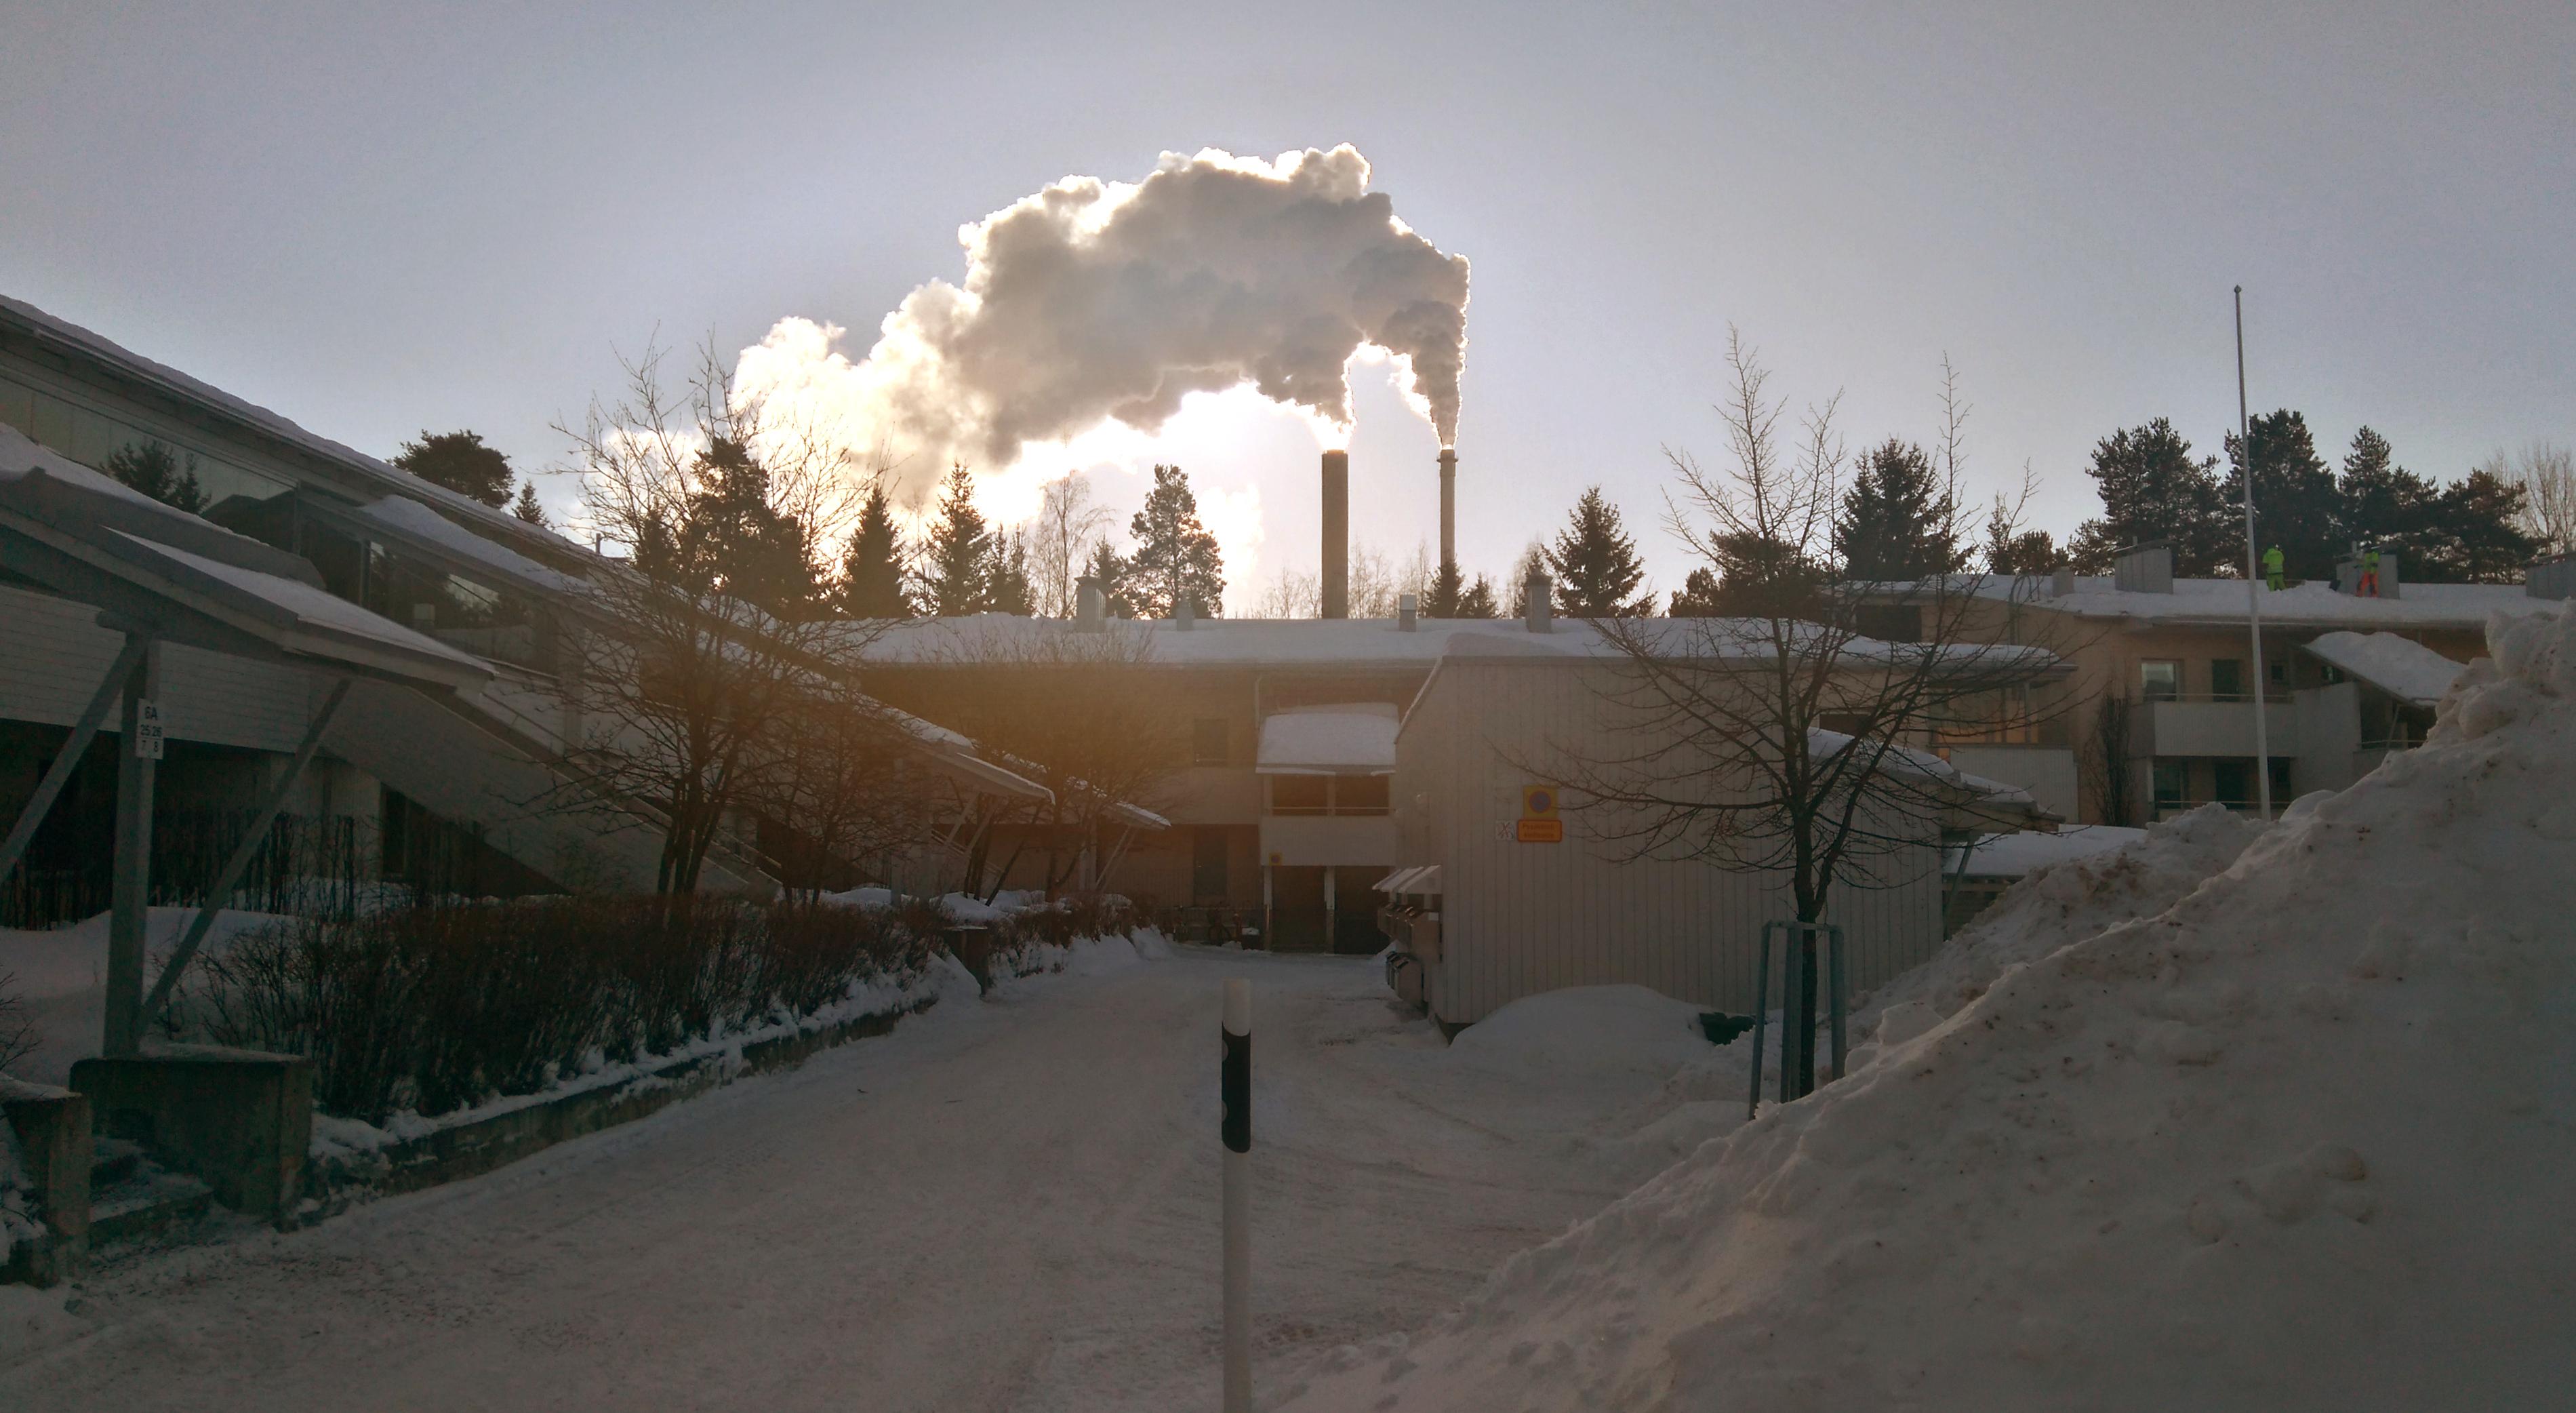 Aurinko paistaa voimalan piipuista nousevan savun takana